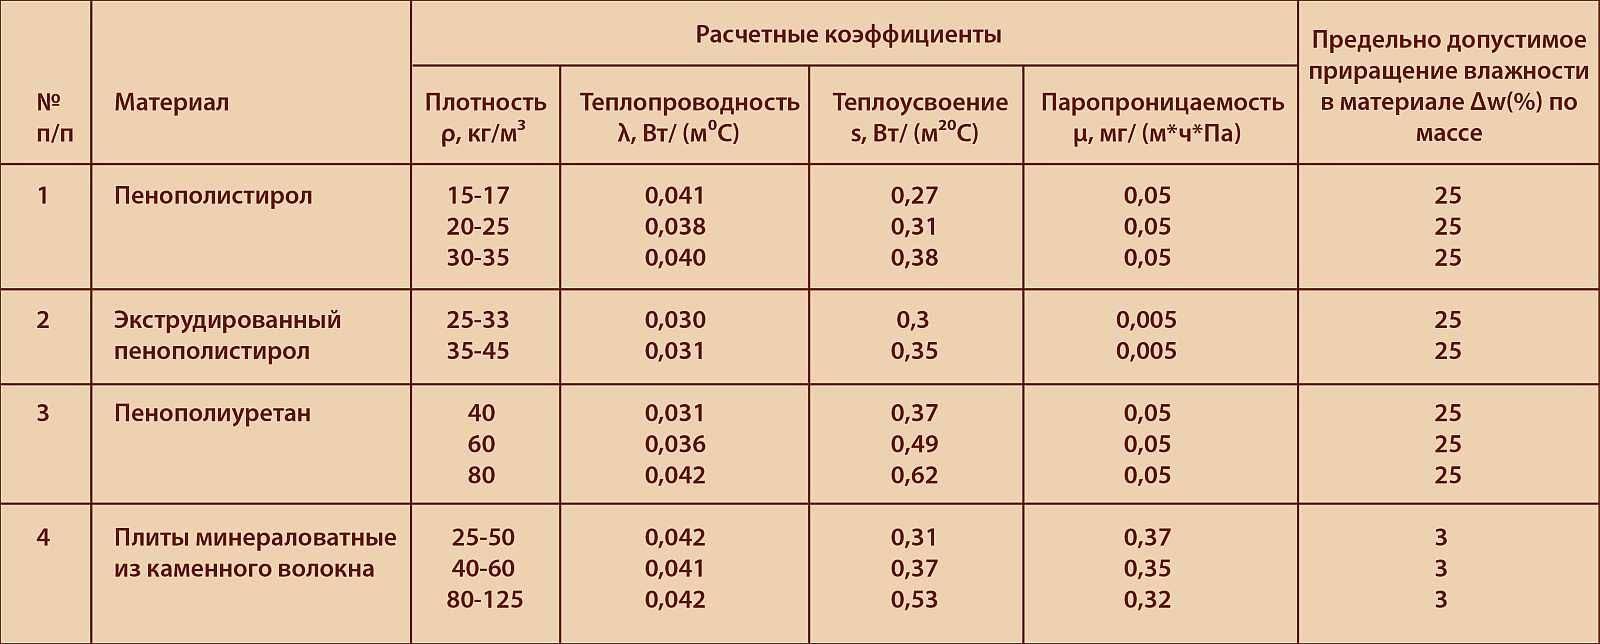 Пенополистирол (технические характеристики): область применения, долговечность и свойства материала